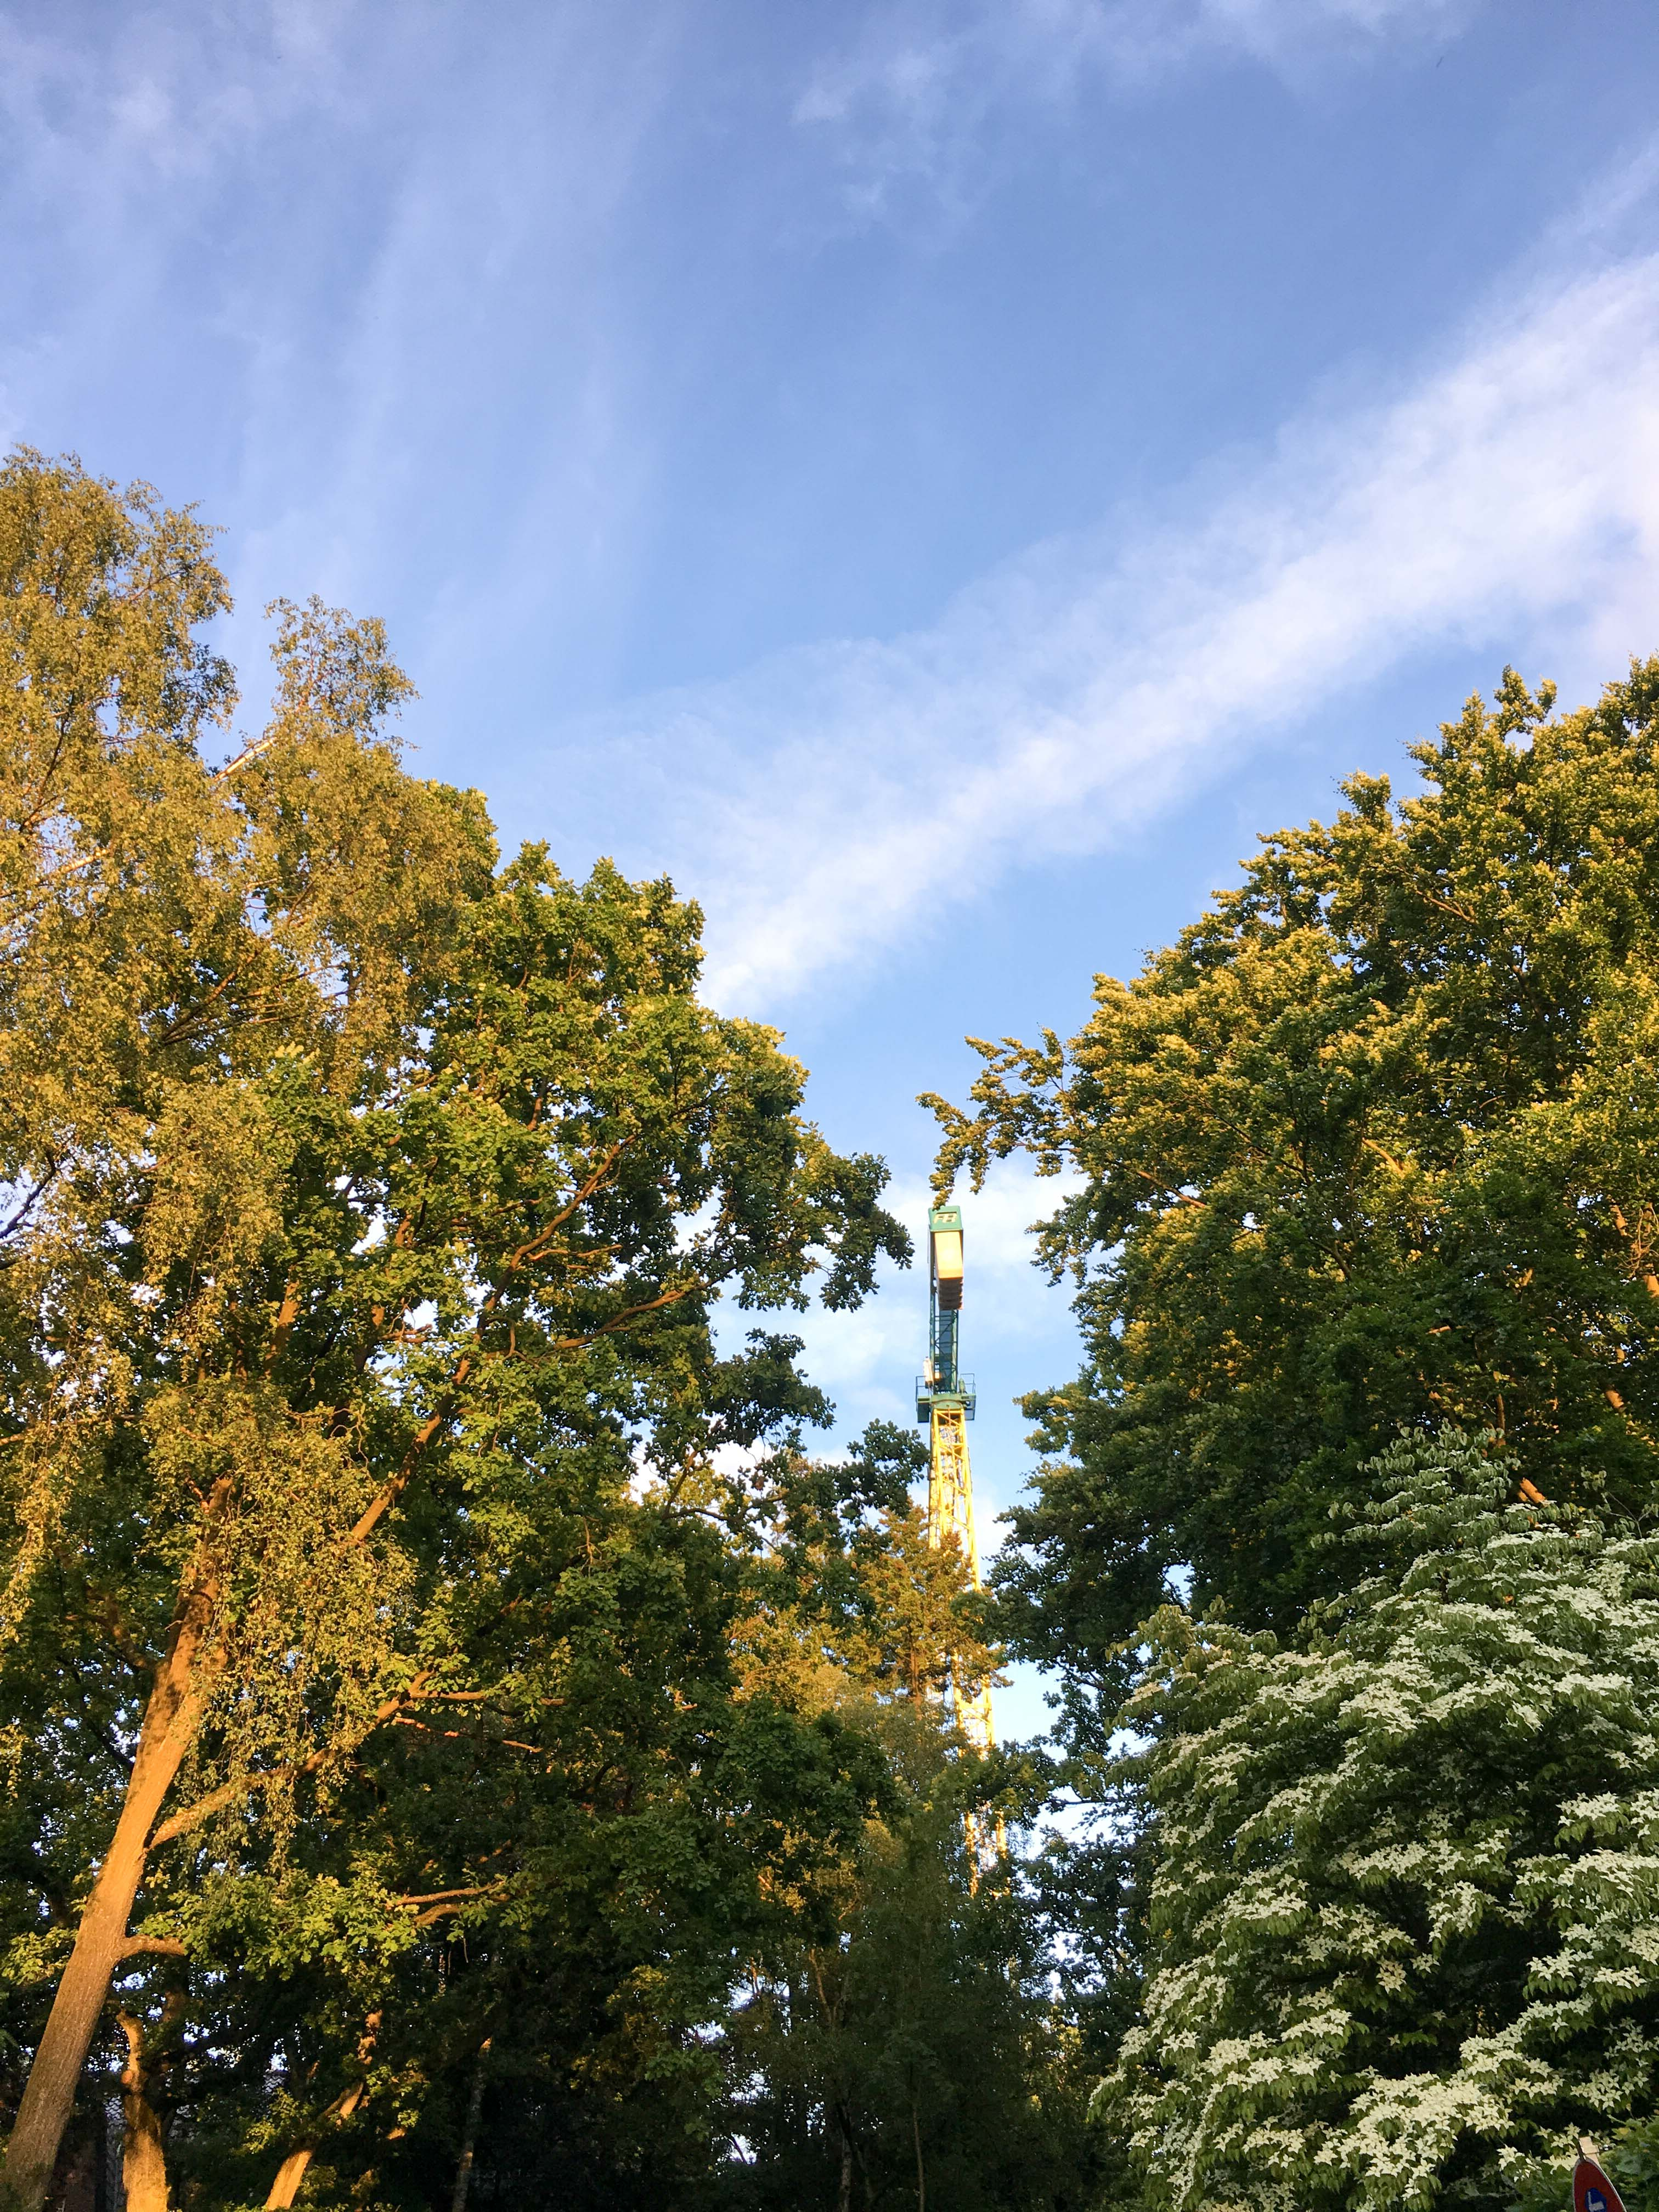 Kran zwischen Bäumen